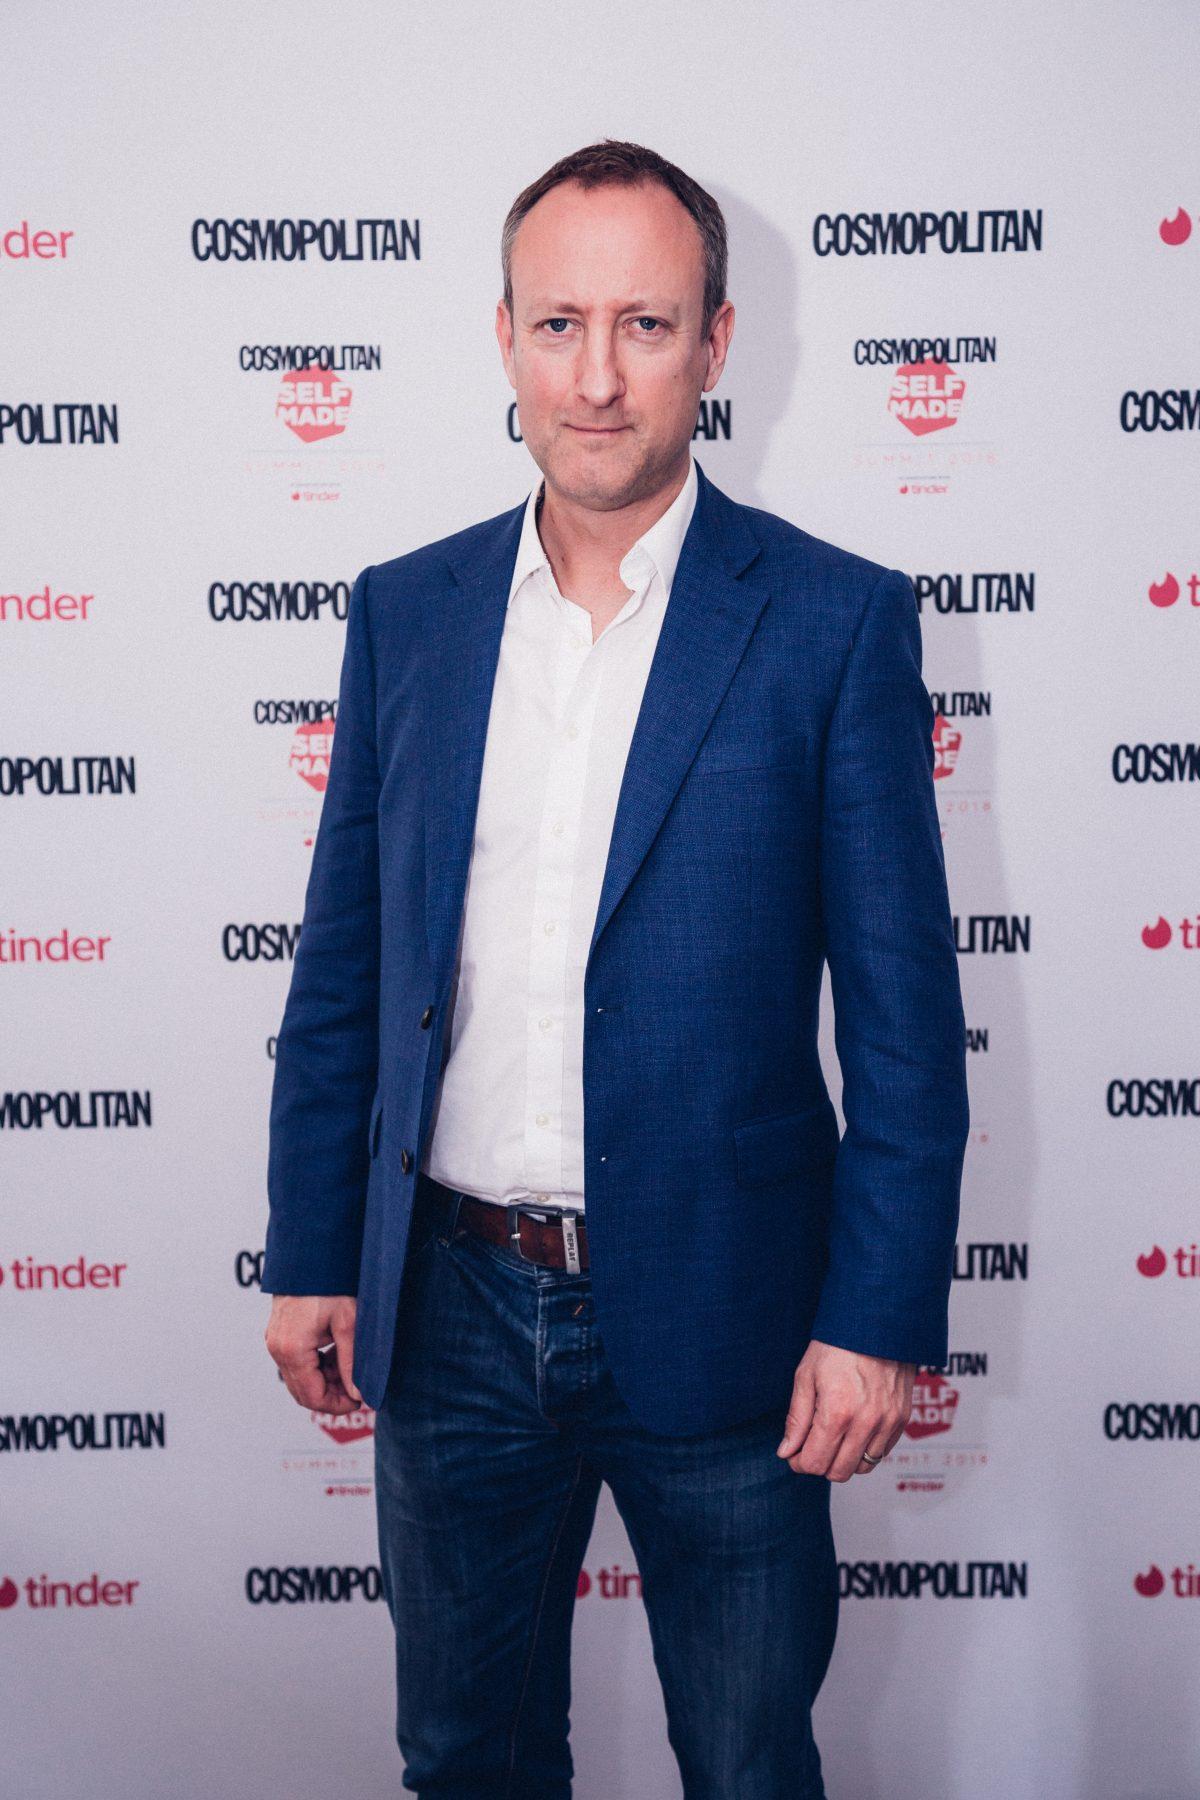 The Negotiating Guru appeared at the Cosmopolitan Weekender